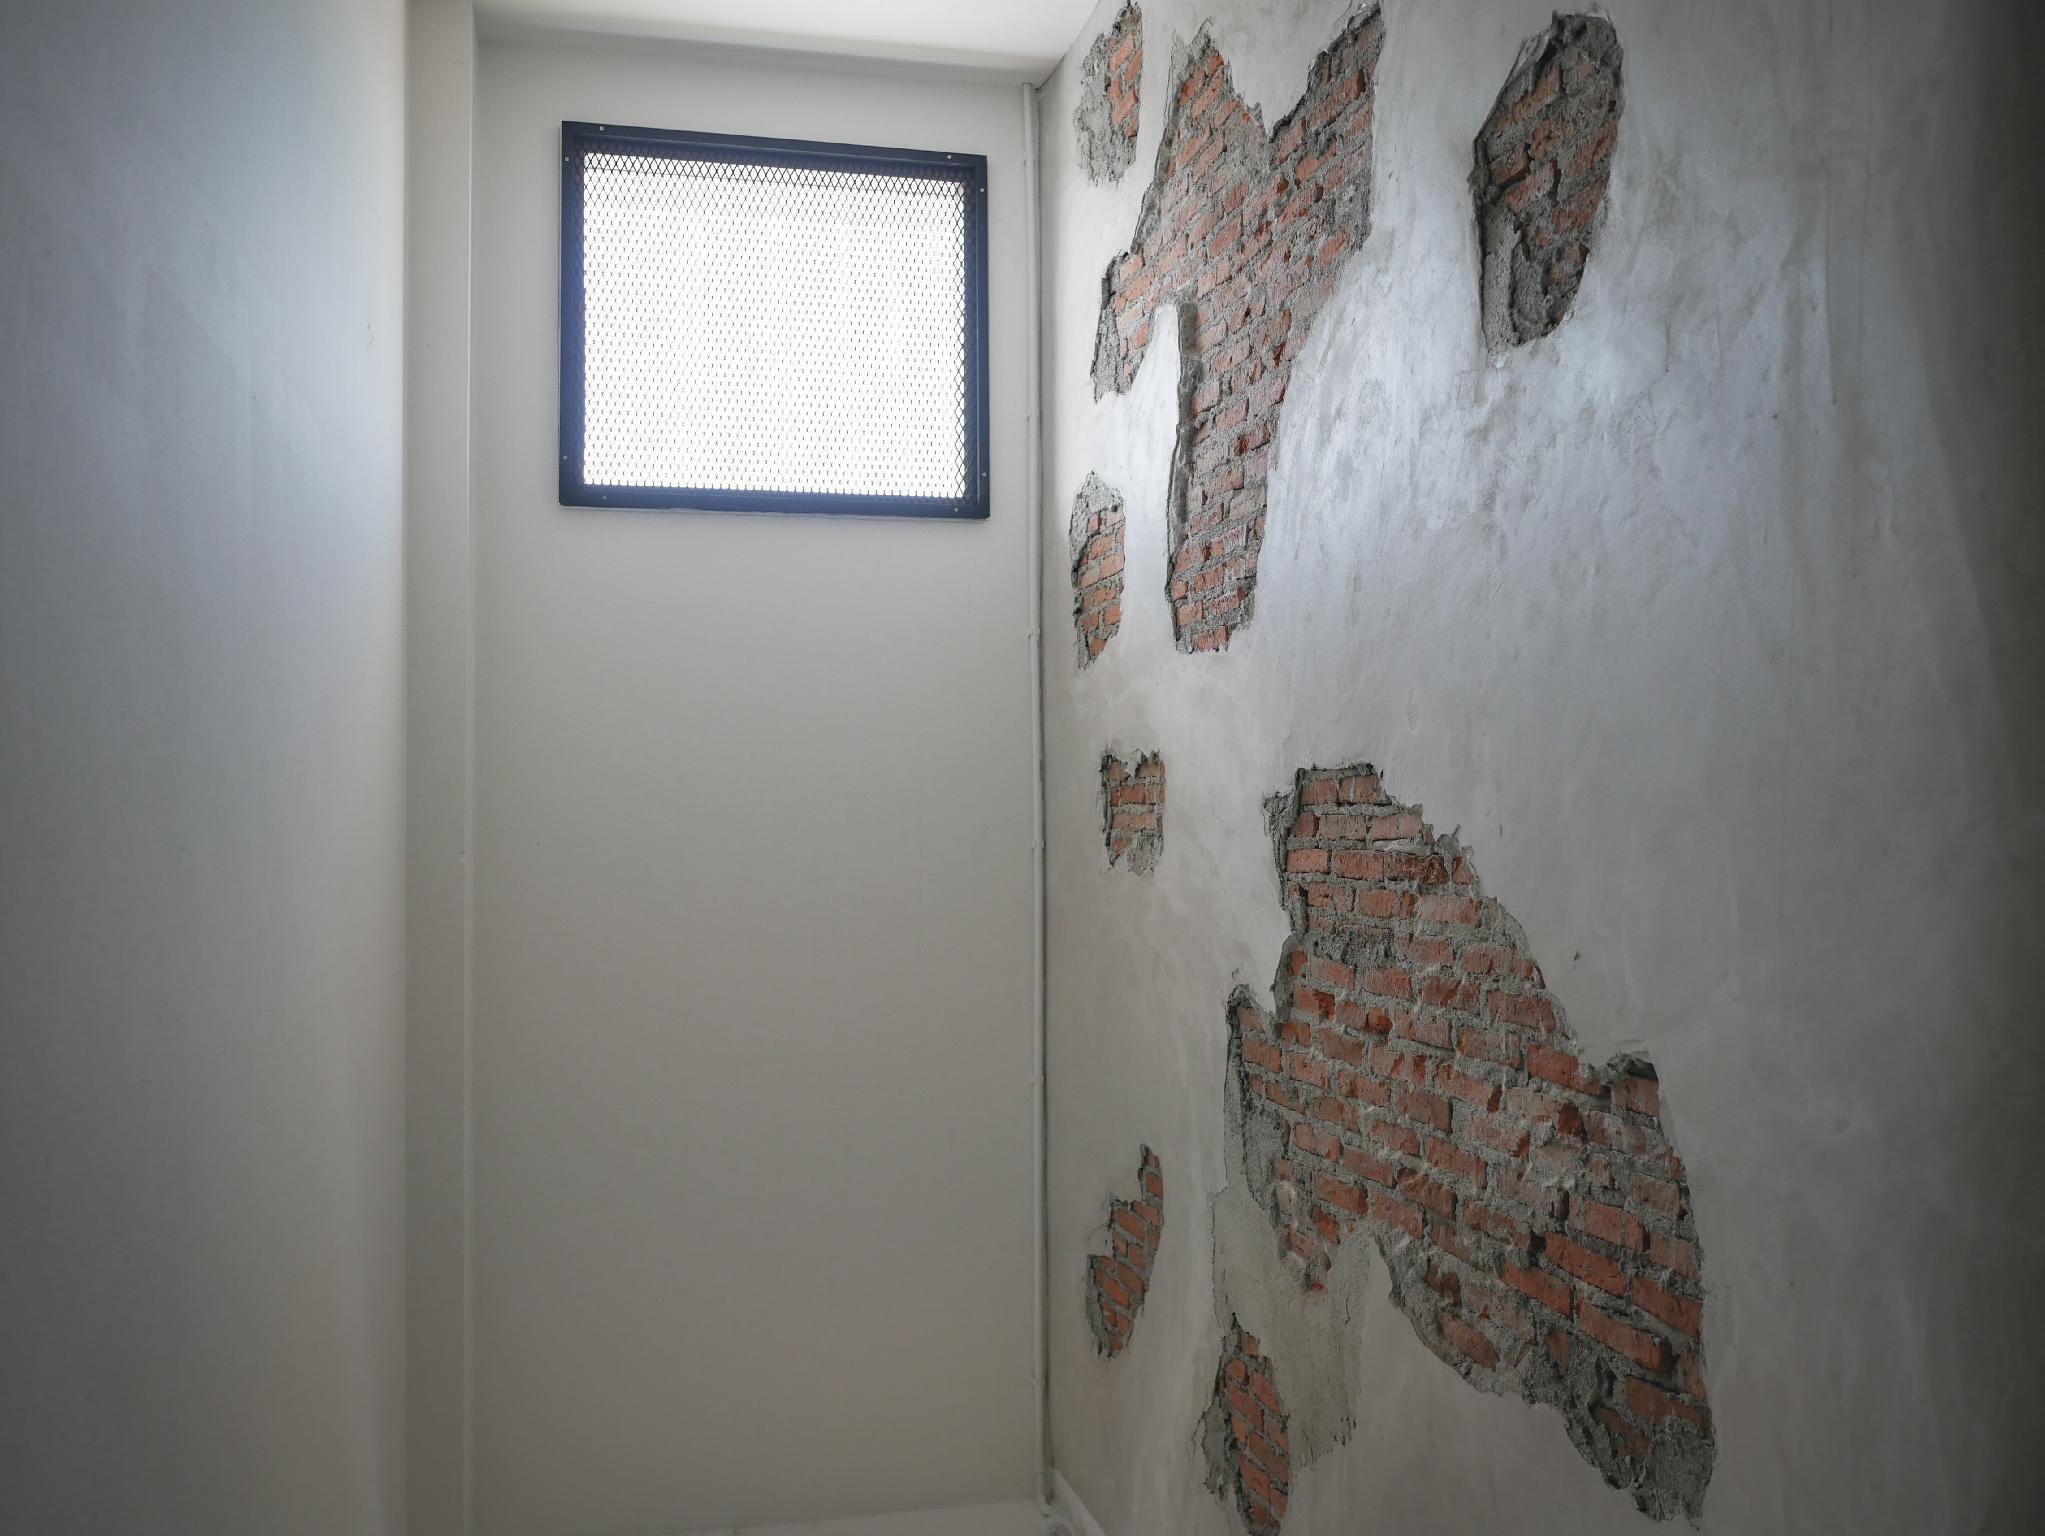 บ้านเดี่ยว 5 ห้องนอน 3 ห้องน้ำส่วนตัว ขนาด 40 ตร.ม. – ท่าวาสุกรี